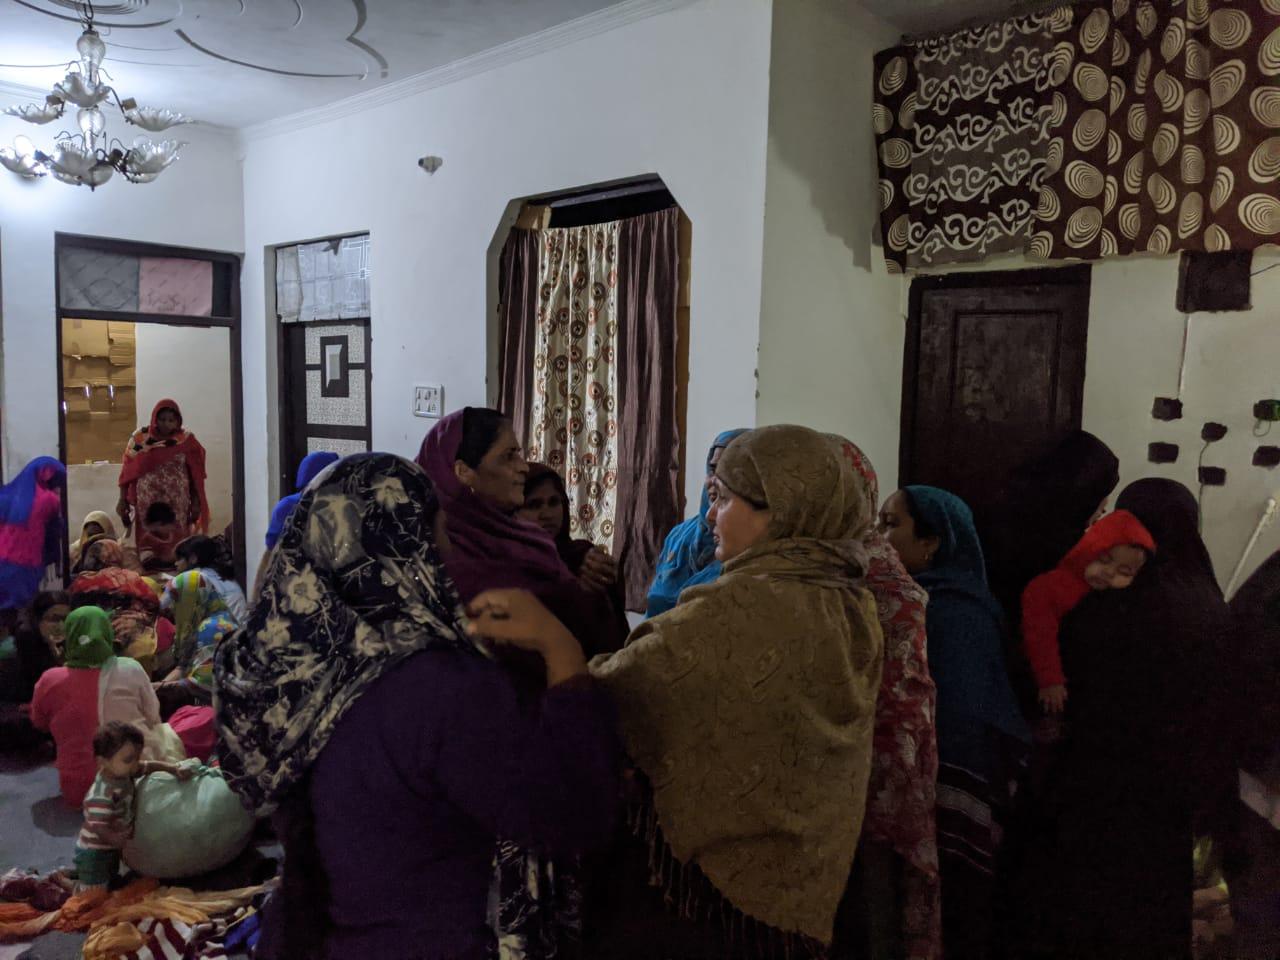 شیو وہار سے ہجرت کرکے آئی خواتین(فوٹو : دی وائر)